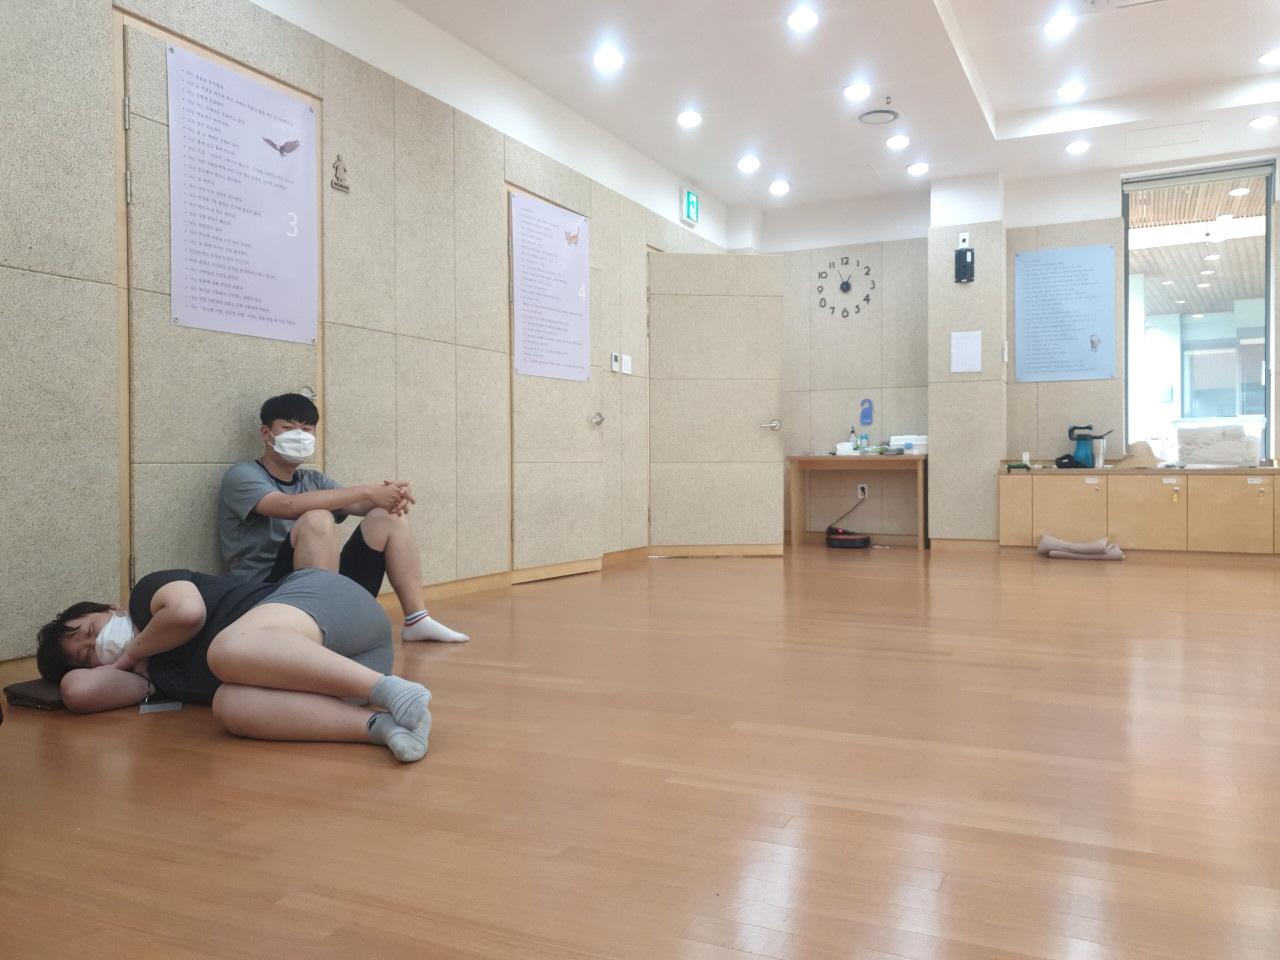 [꾸미기]홍천연기캠프_내이야기#통일-전체 사진-33386761728.jpg